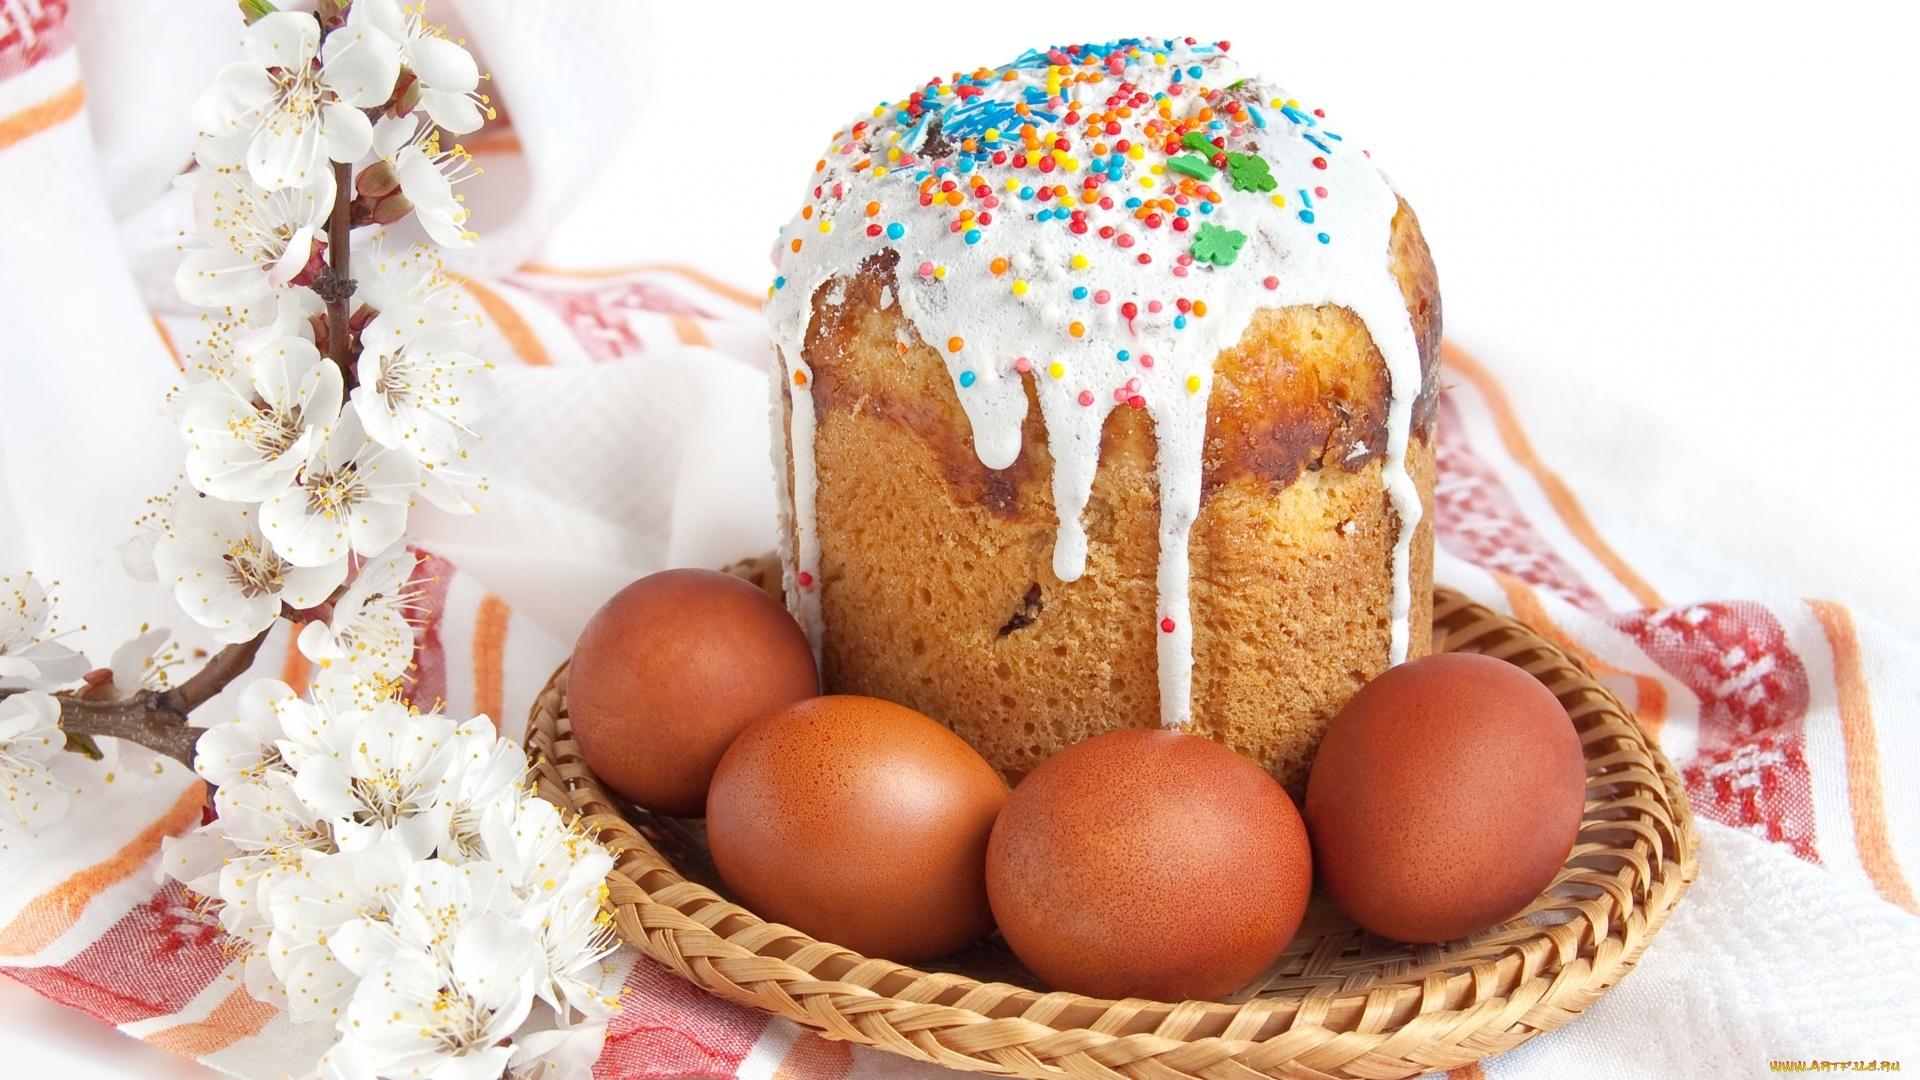 Easter Cake Wallpaper theme